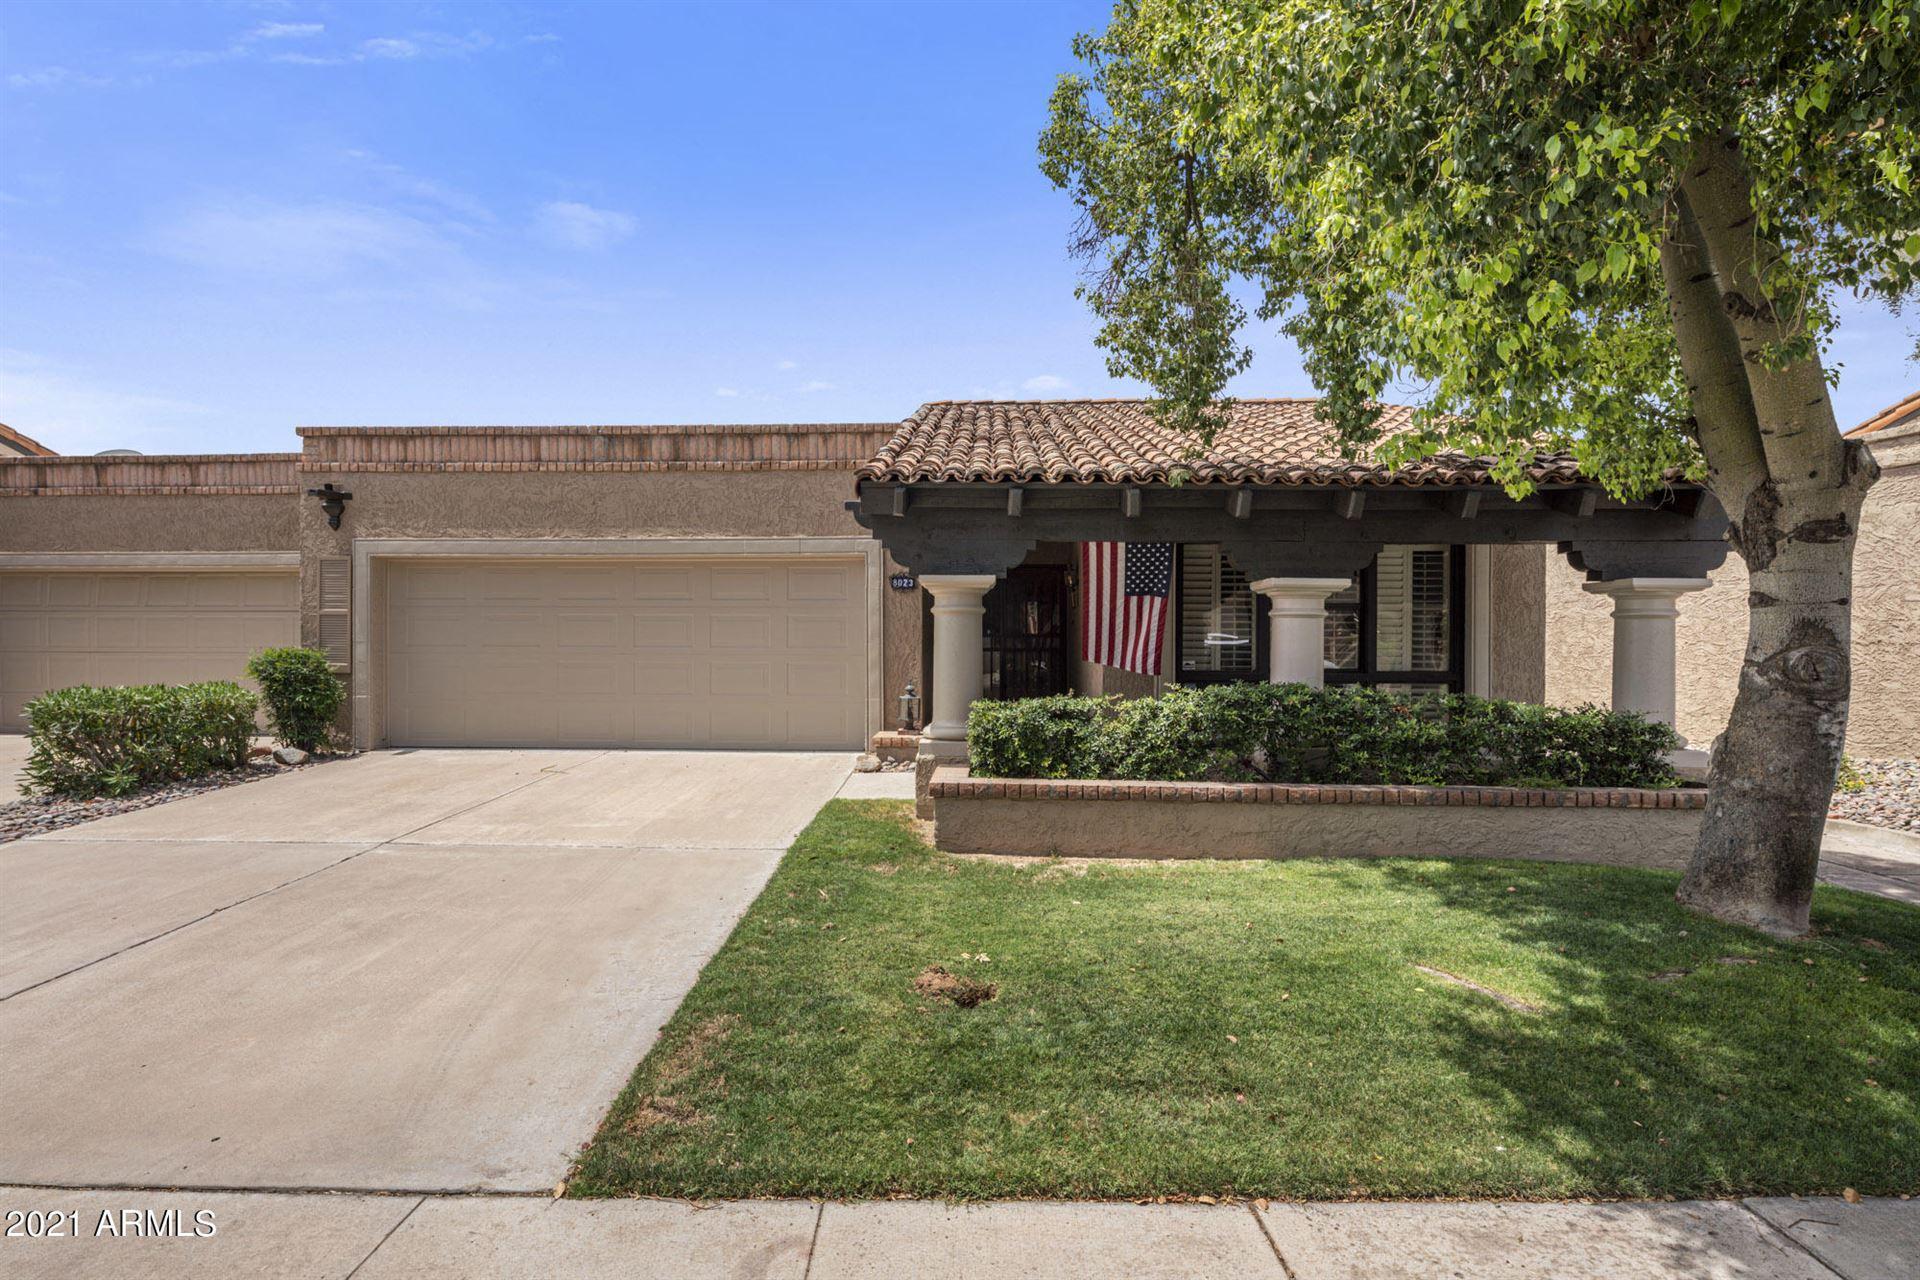 Photo of 8023 E VIA DEL DESIERTO Street, Scottsdale, AZ 85258 (MLS # 6249568)